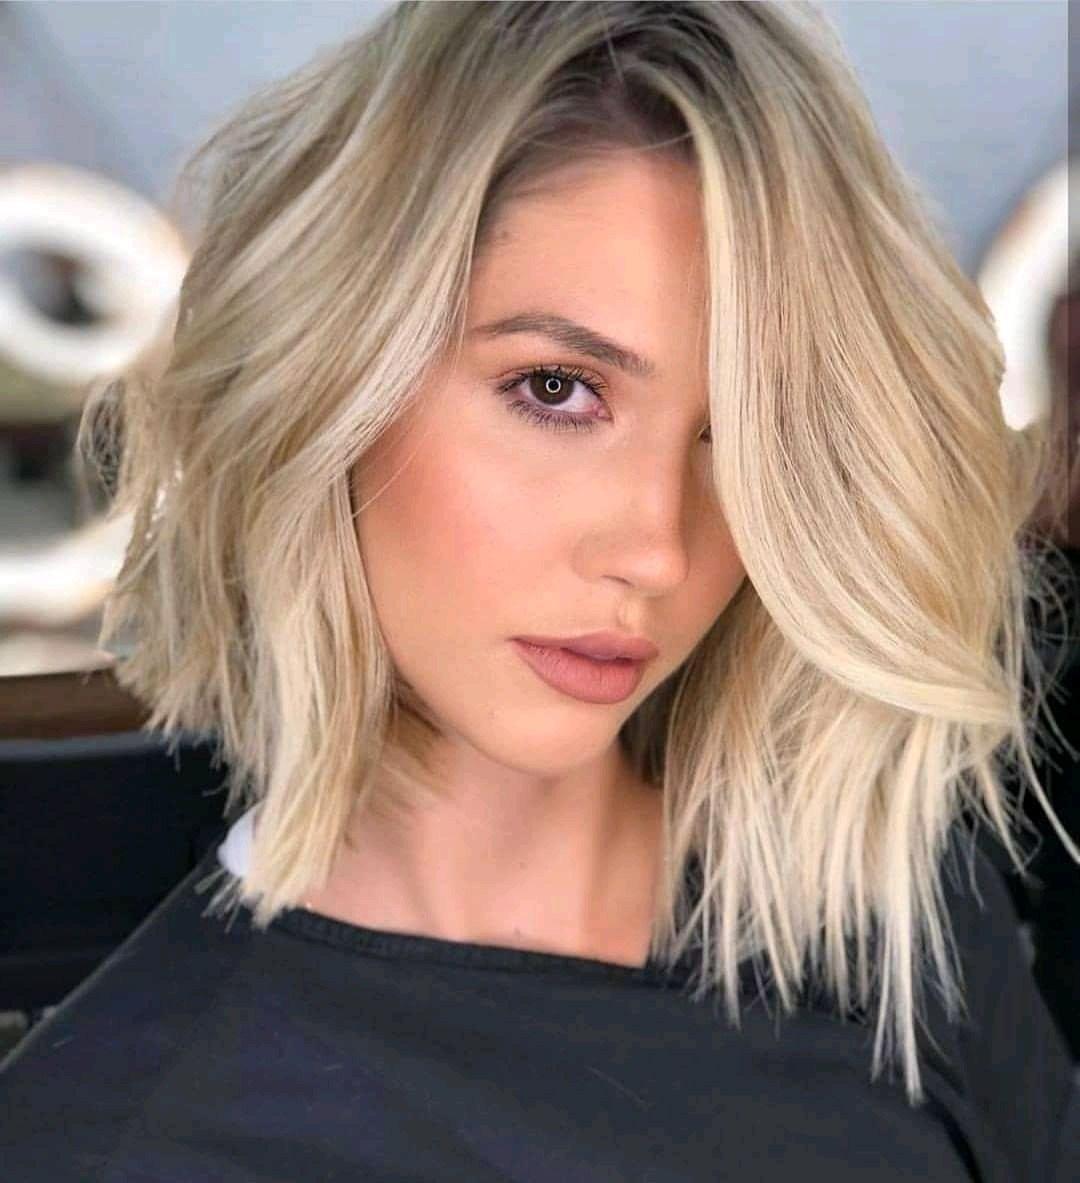 الشعر القصير المتدرج يمنح إطلالتك طابعًا عصريًا